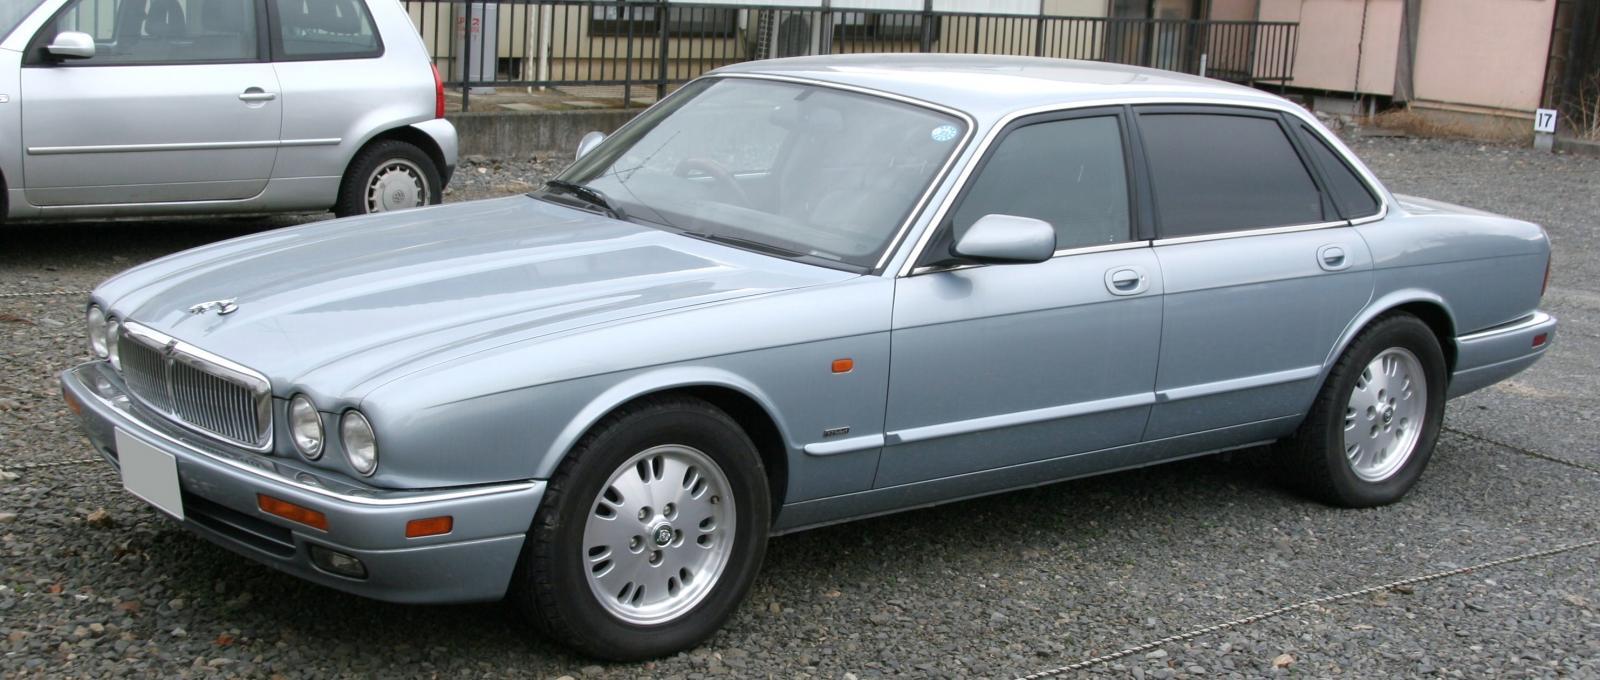 1997 jaguar xj series 1 800 1024 1280 1600 origin